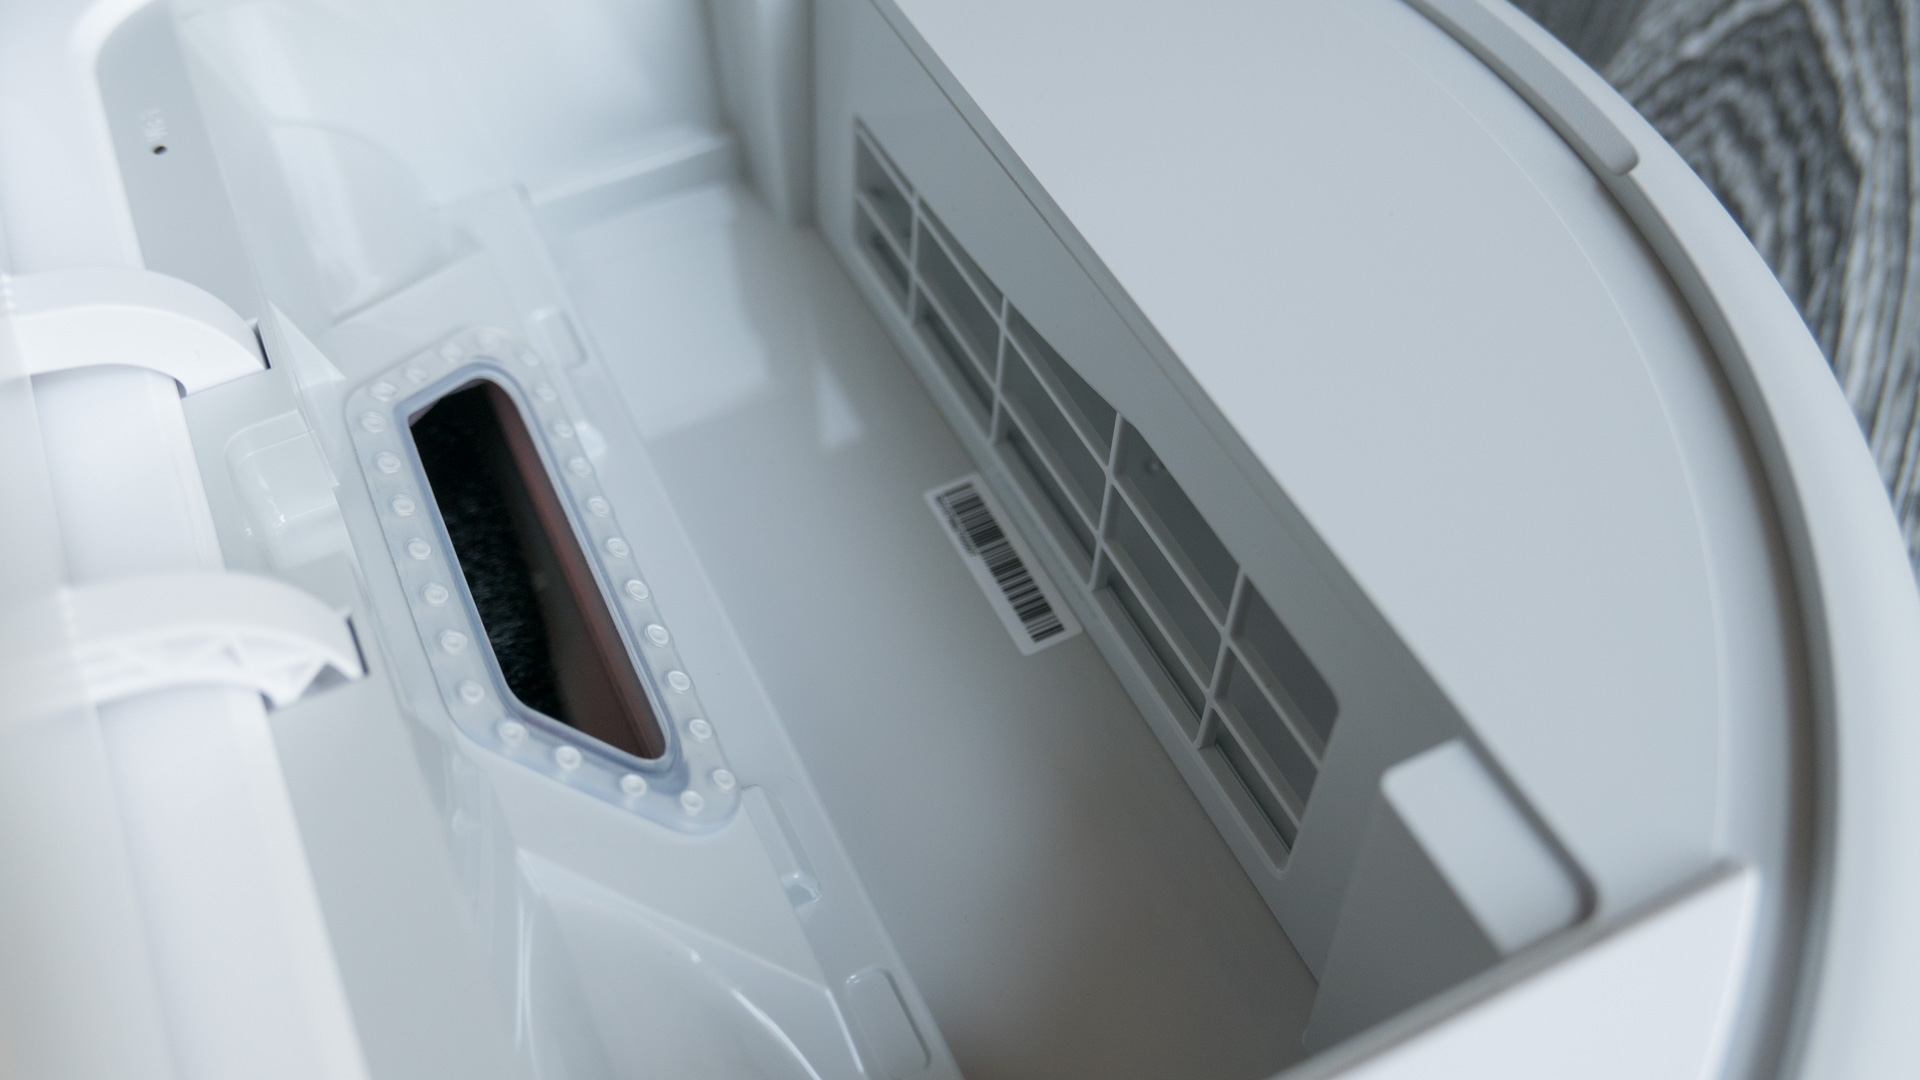 Xiaomi roborock Xiaowa Details 36